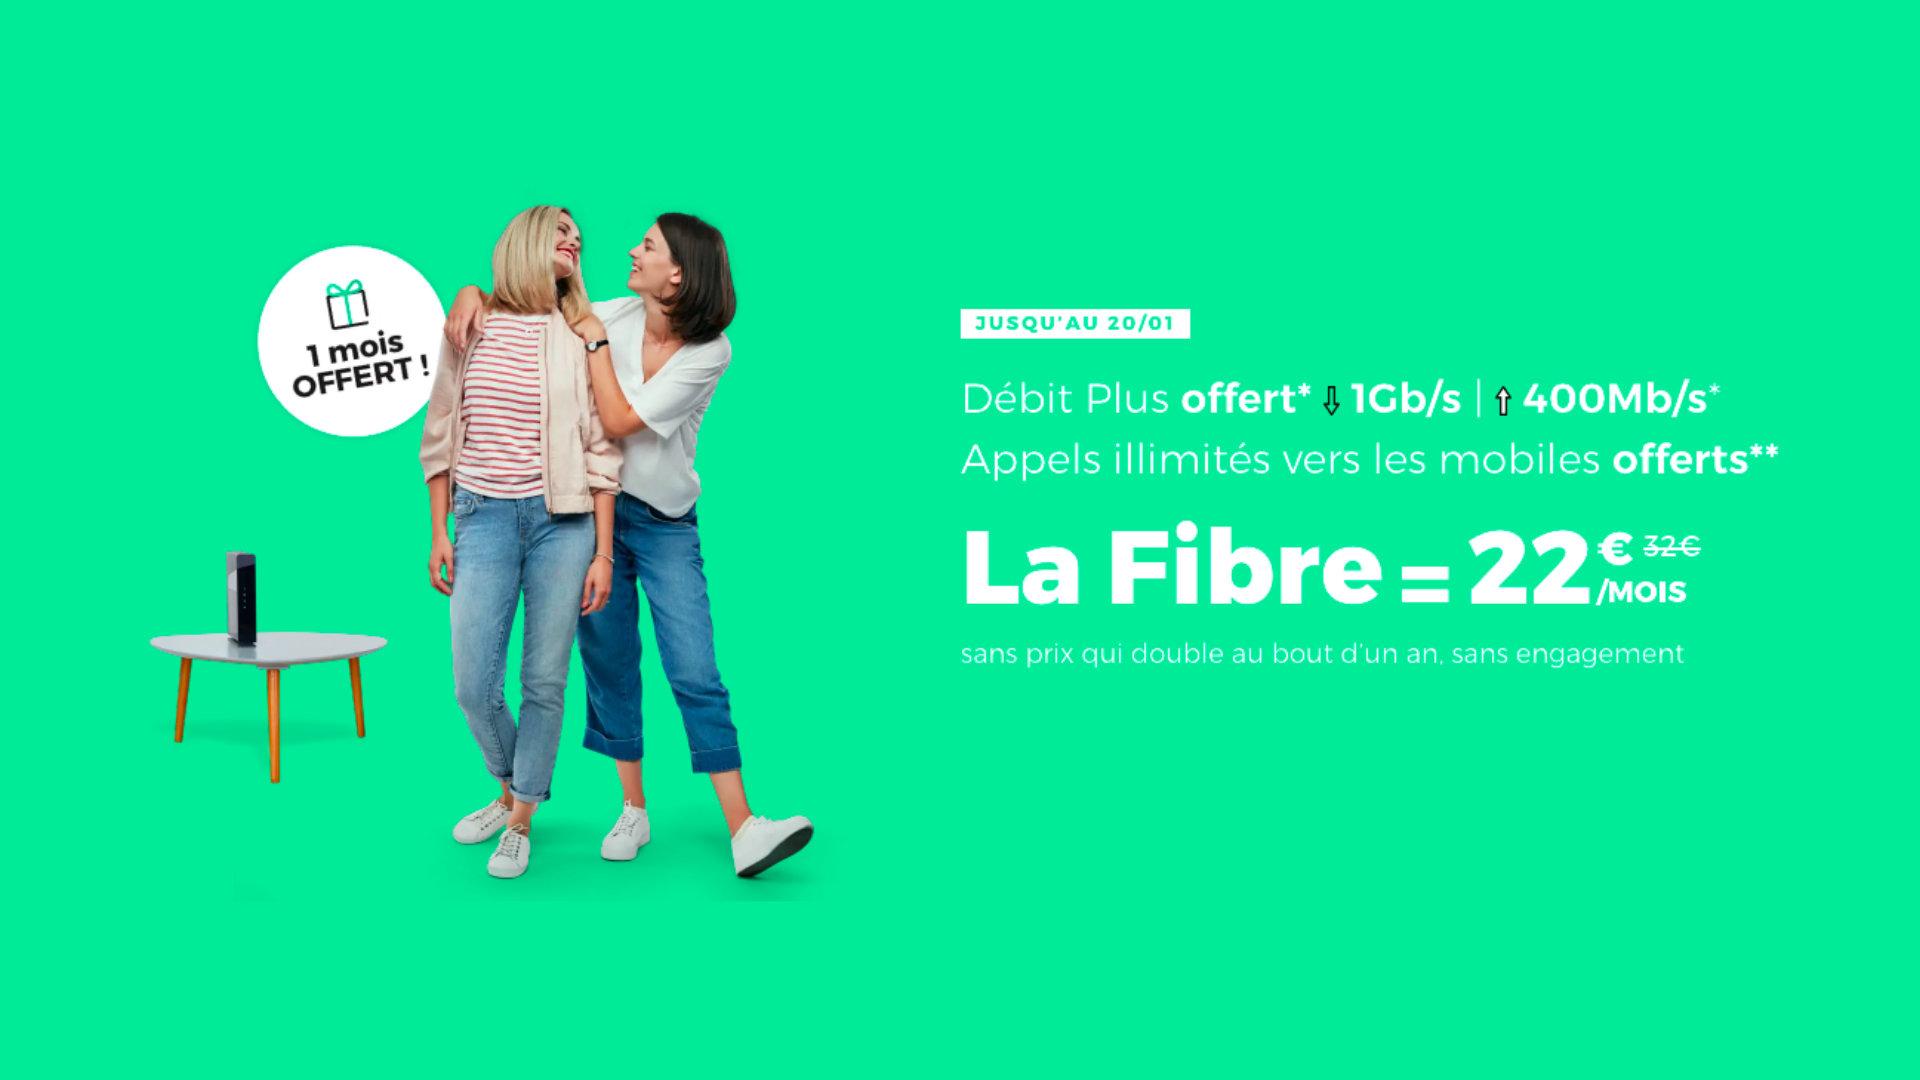 Fibre Internet : un mois d'abonnement à 22 euros offert pour toute souscription